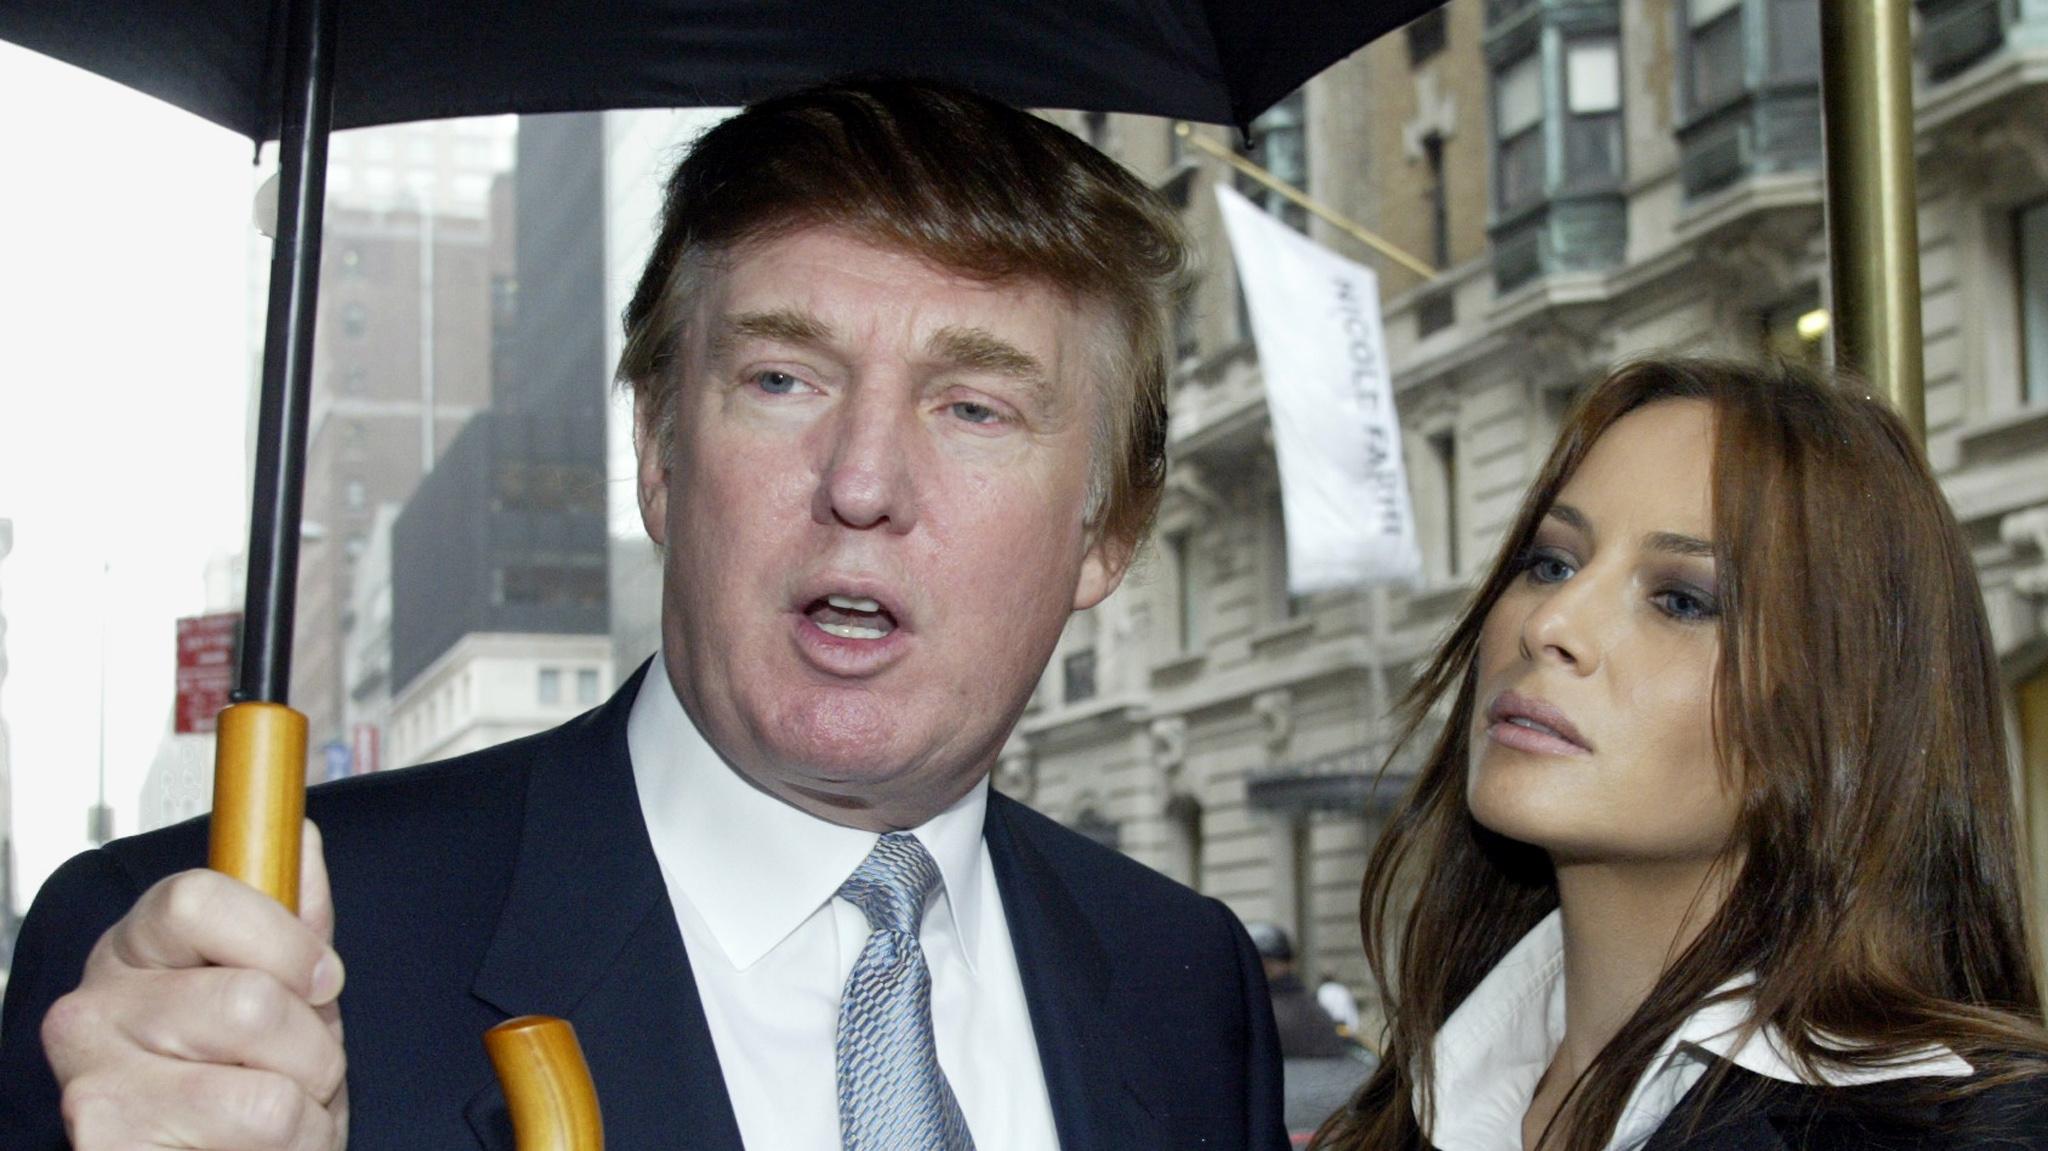 Donald Trump and Melania Trump under an umbrella